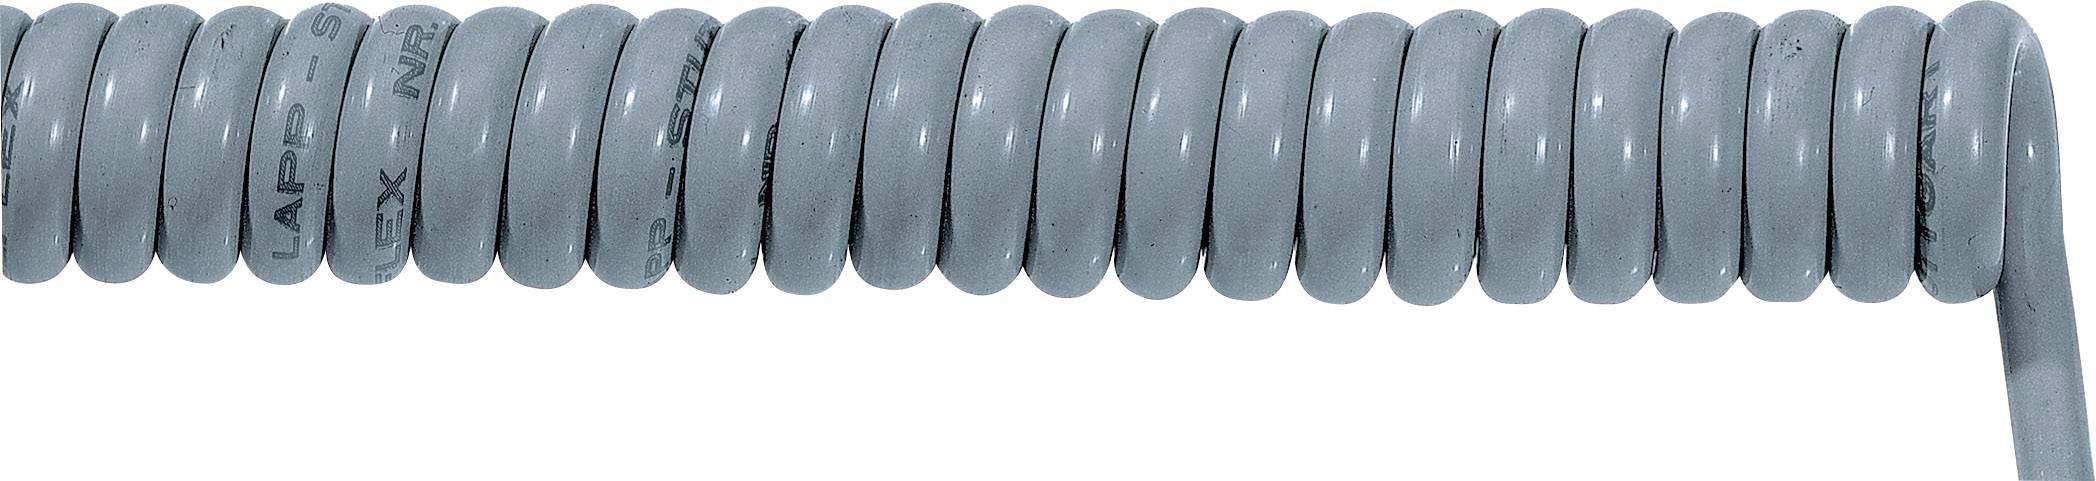 Špirálový kábel 70002629 ÖLFLEX® SPIRAL 400 P 3 x 0.75 mm², 1000 mm / 3000 mm, sivá